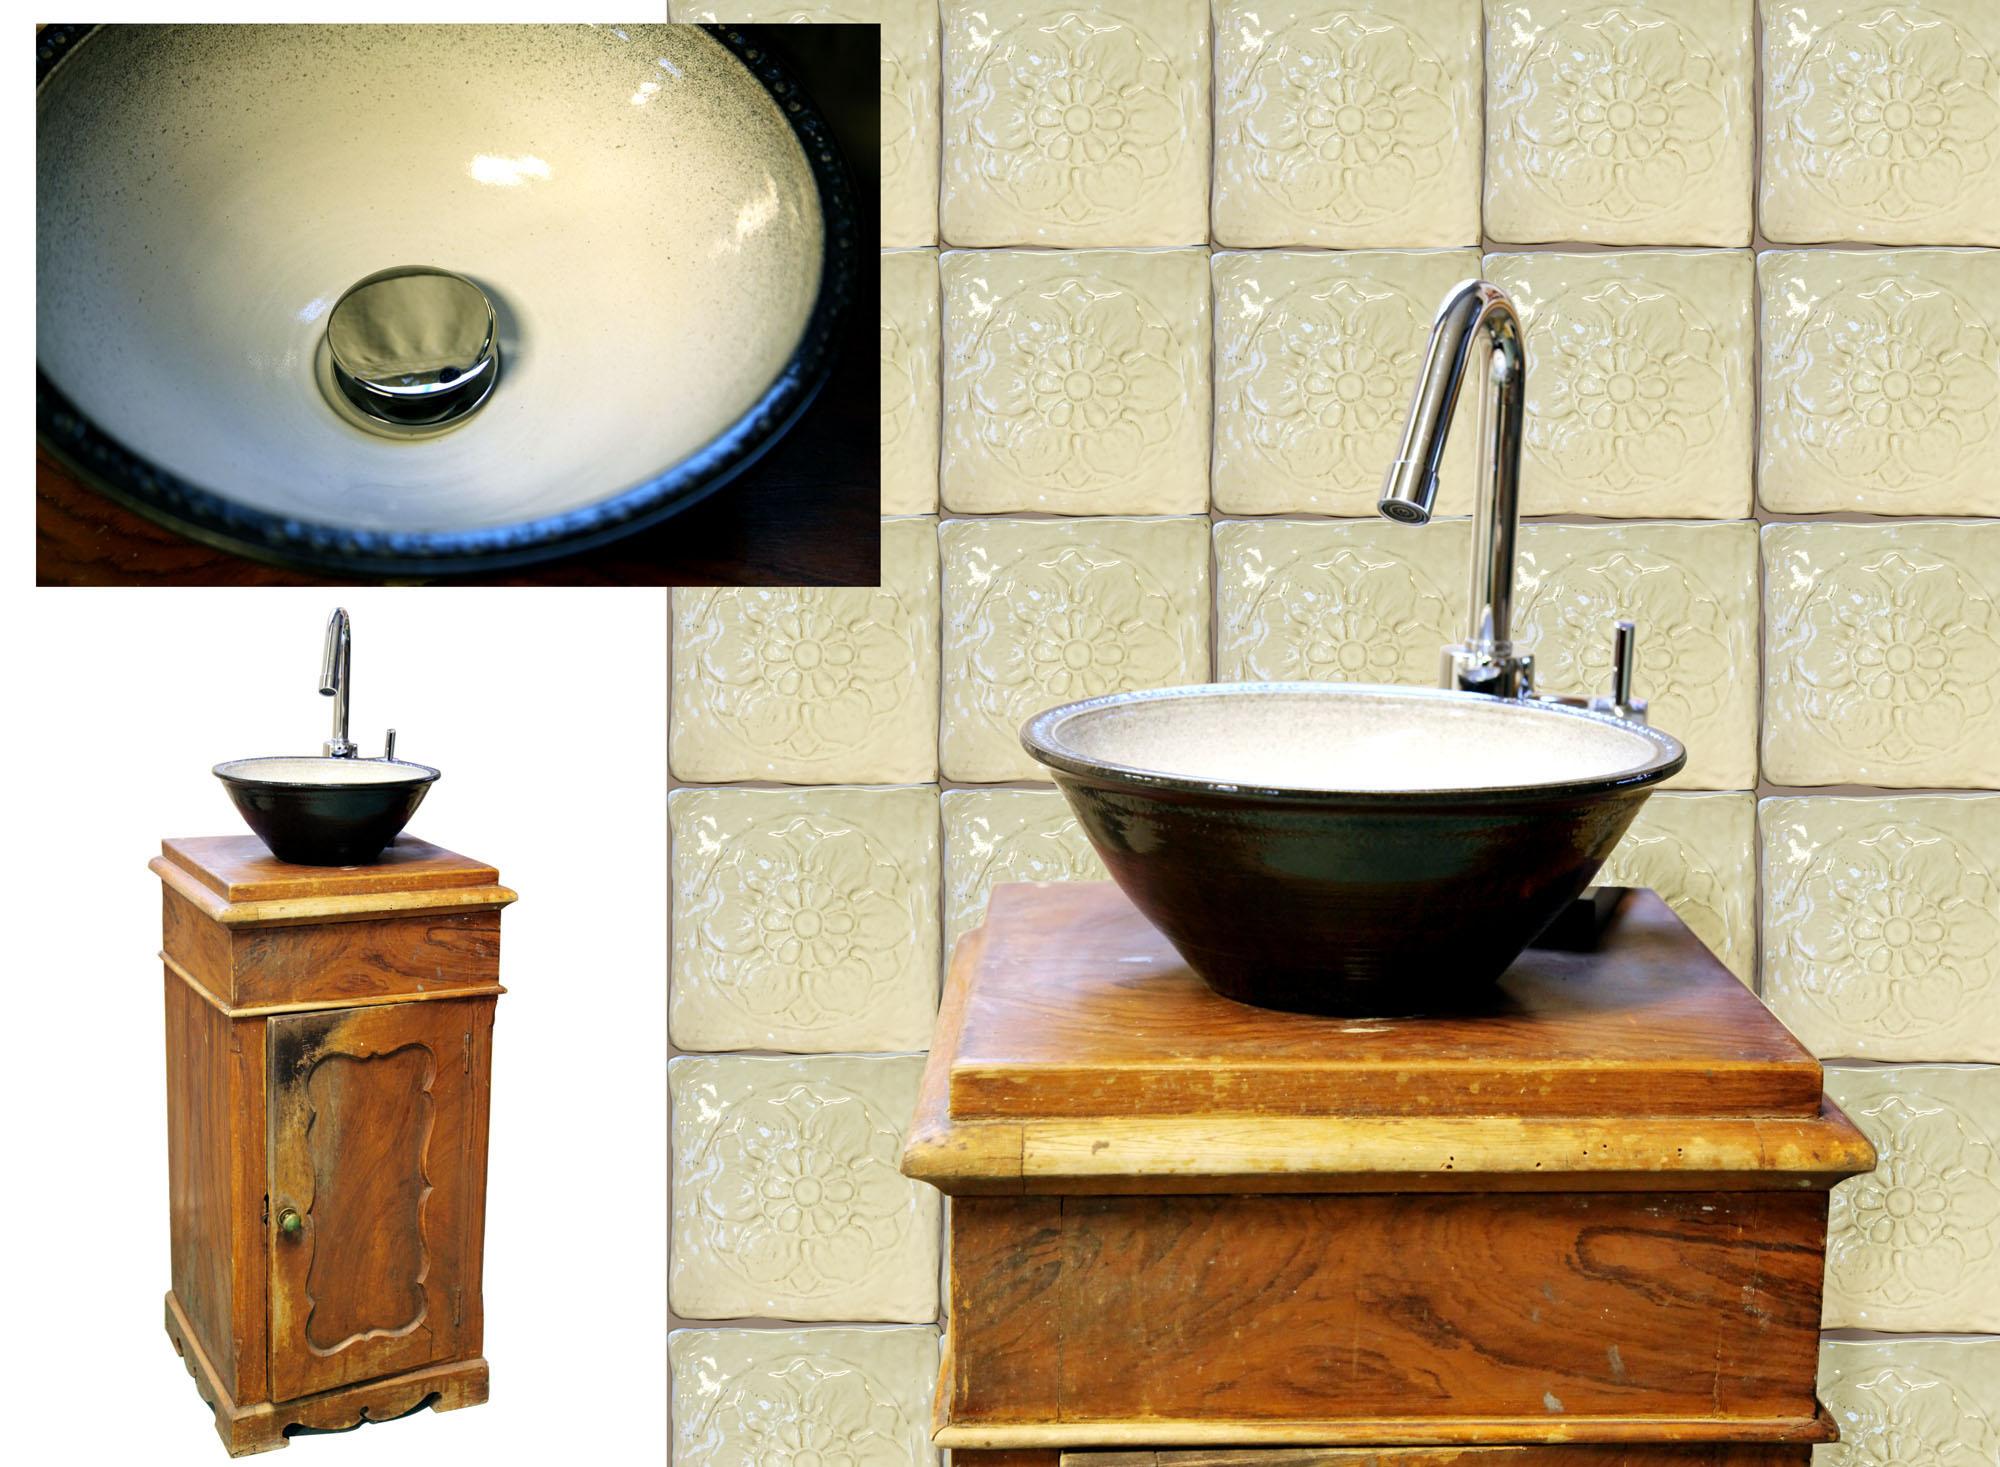 Handfat i stengods handgjort på Torsås Fajans krukmakeri, monterat på ett gammalt pottskåp.